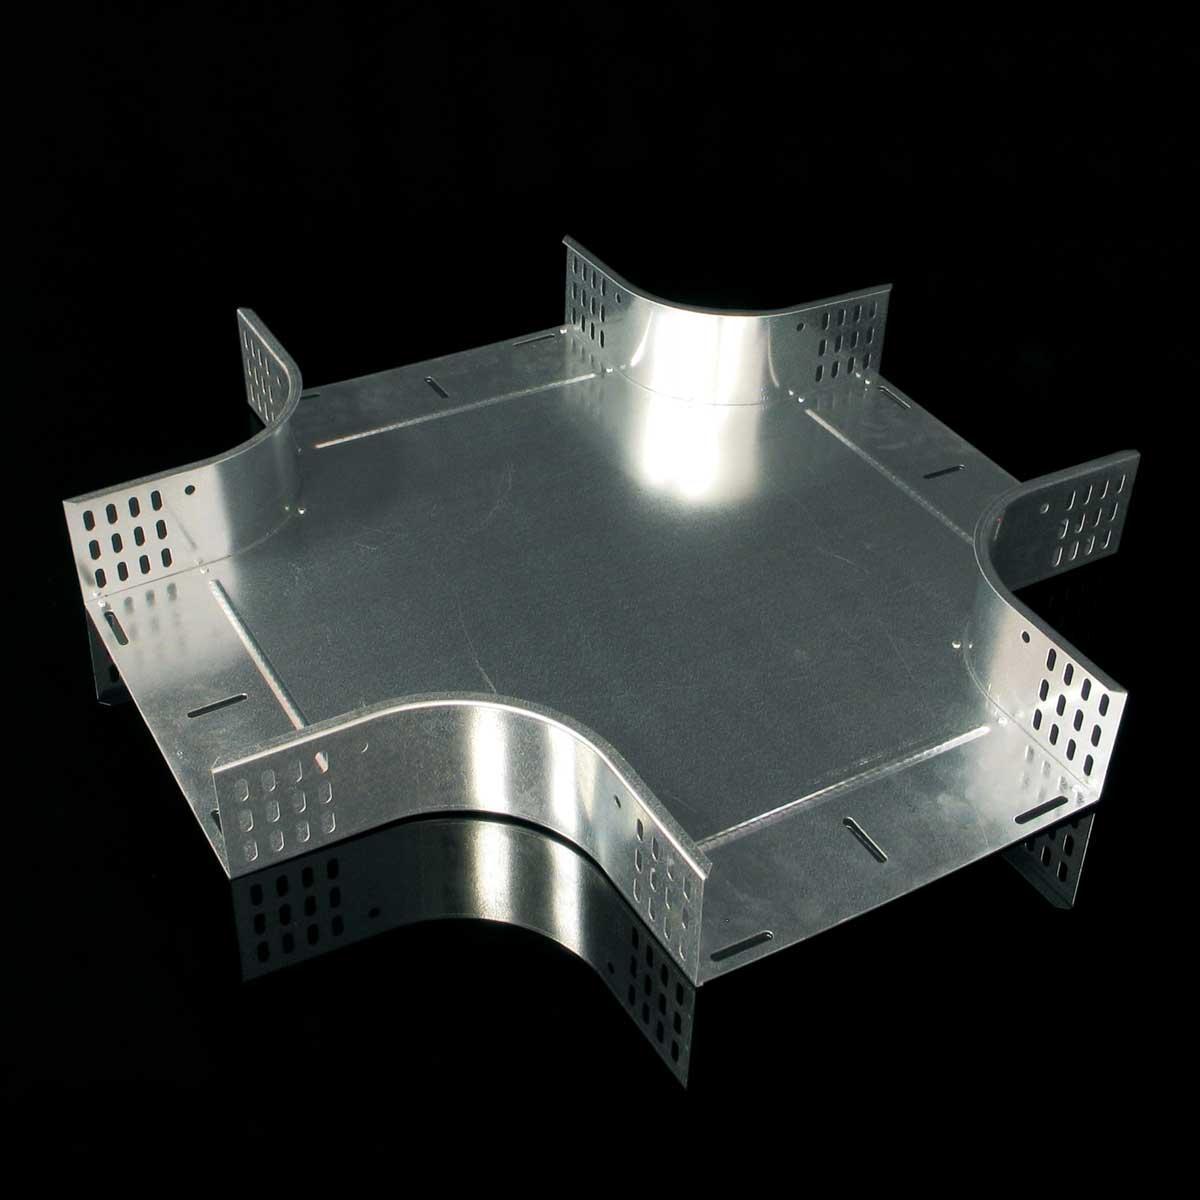 Відгалужувач хрестоподібний JUPITER; розміри-85x300x700mm Товщ. метал-1 Вага-4,05кг/м